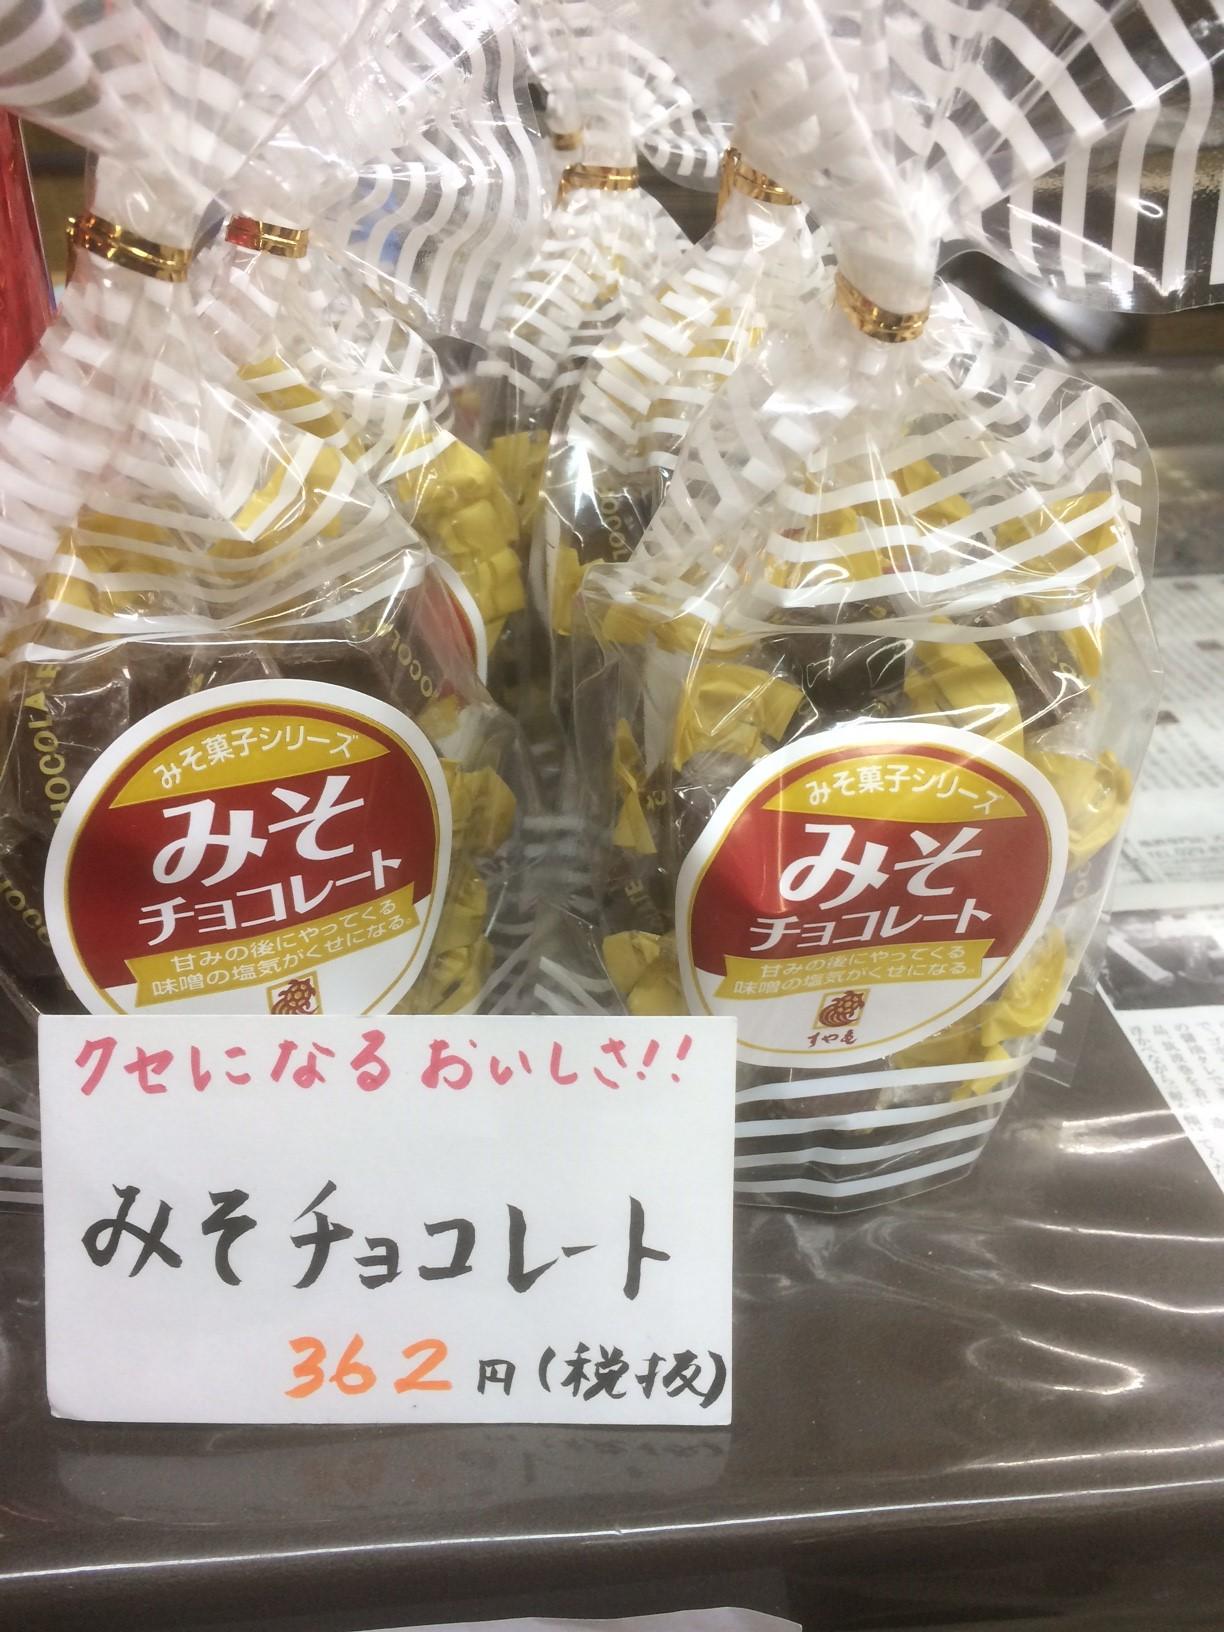 ☆小粋にキメよう!酒屋でバレンタイン(*´∇`*)いろいろアリマス☆_c0175182_153509.jpg